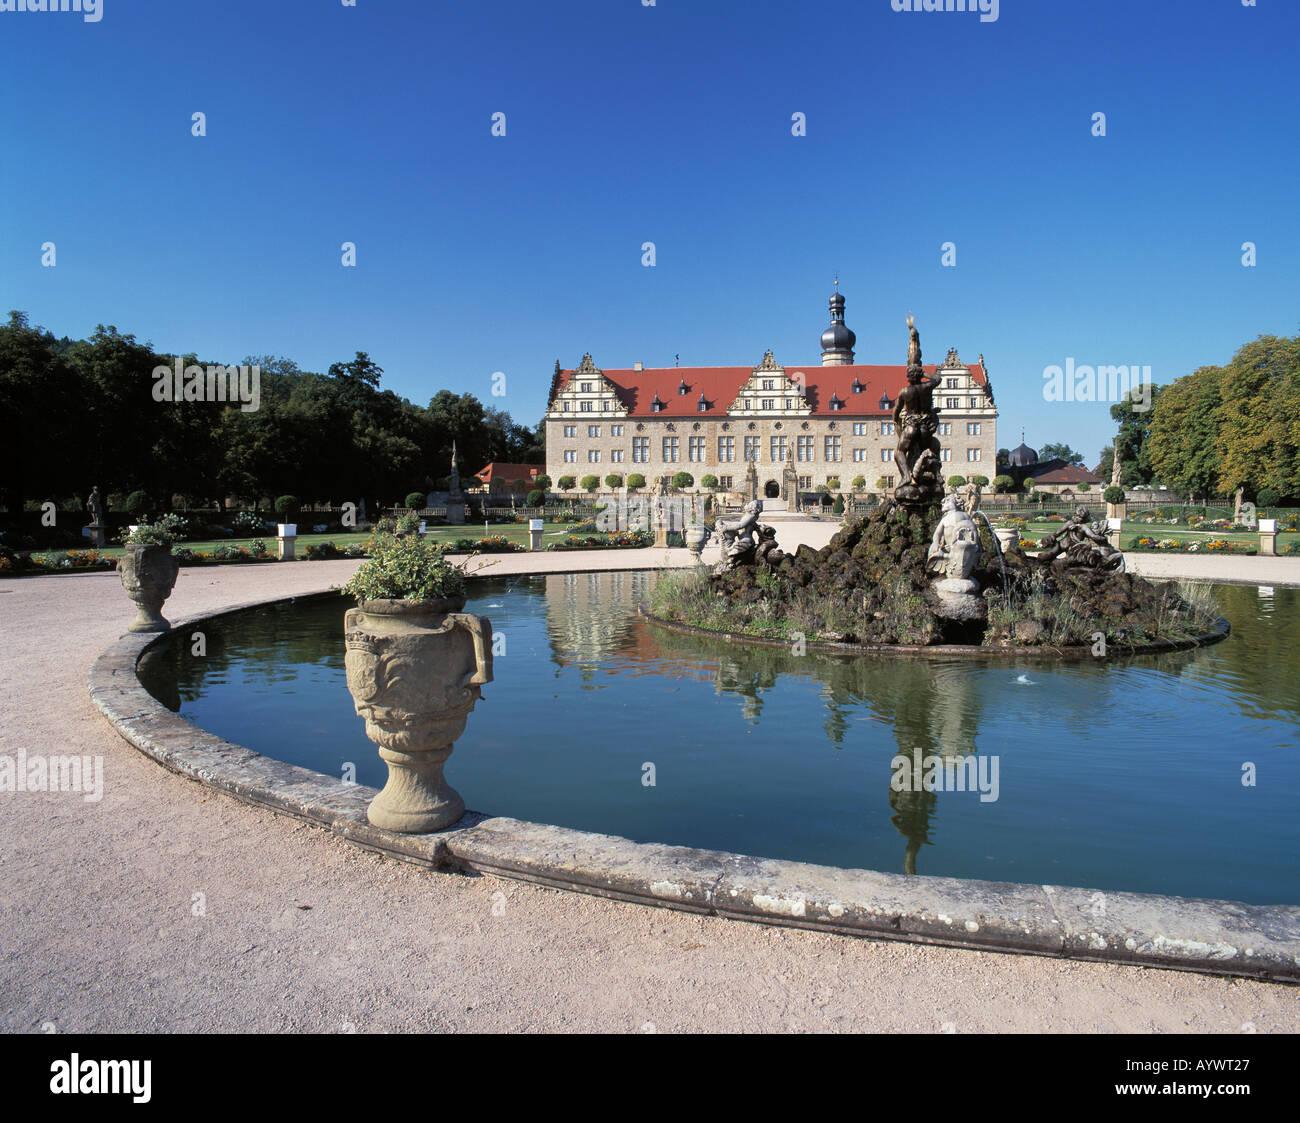 Renaissanceschloss und Schlosspark, Blumenkuebel, Weikersheim, Tauber, Romantische Strasse, Baden-Wuerttemberg Stock Photo